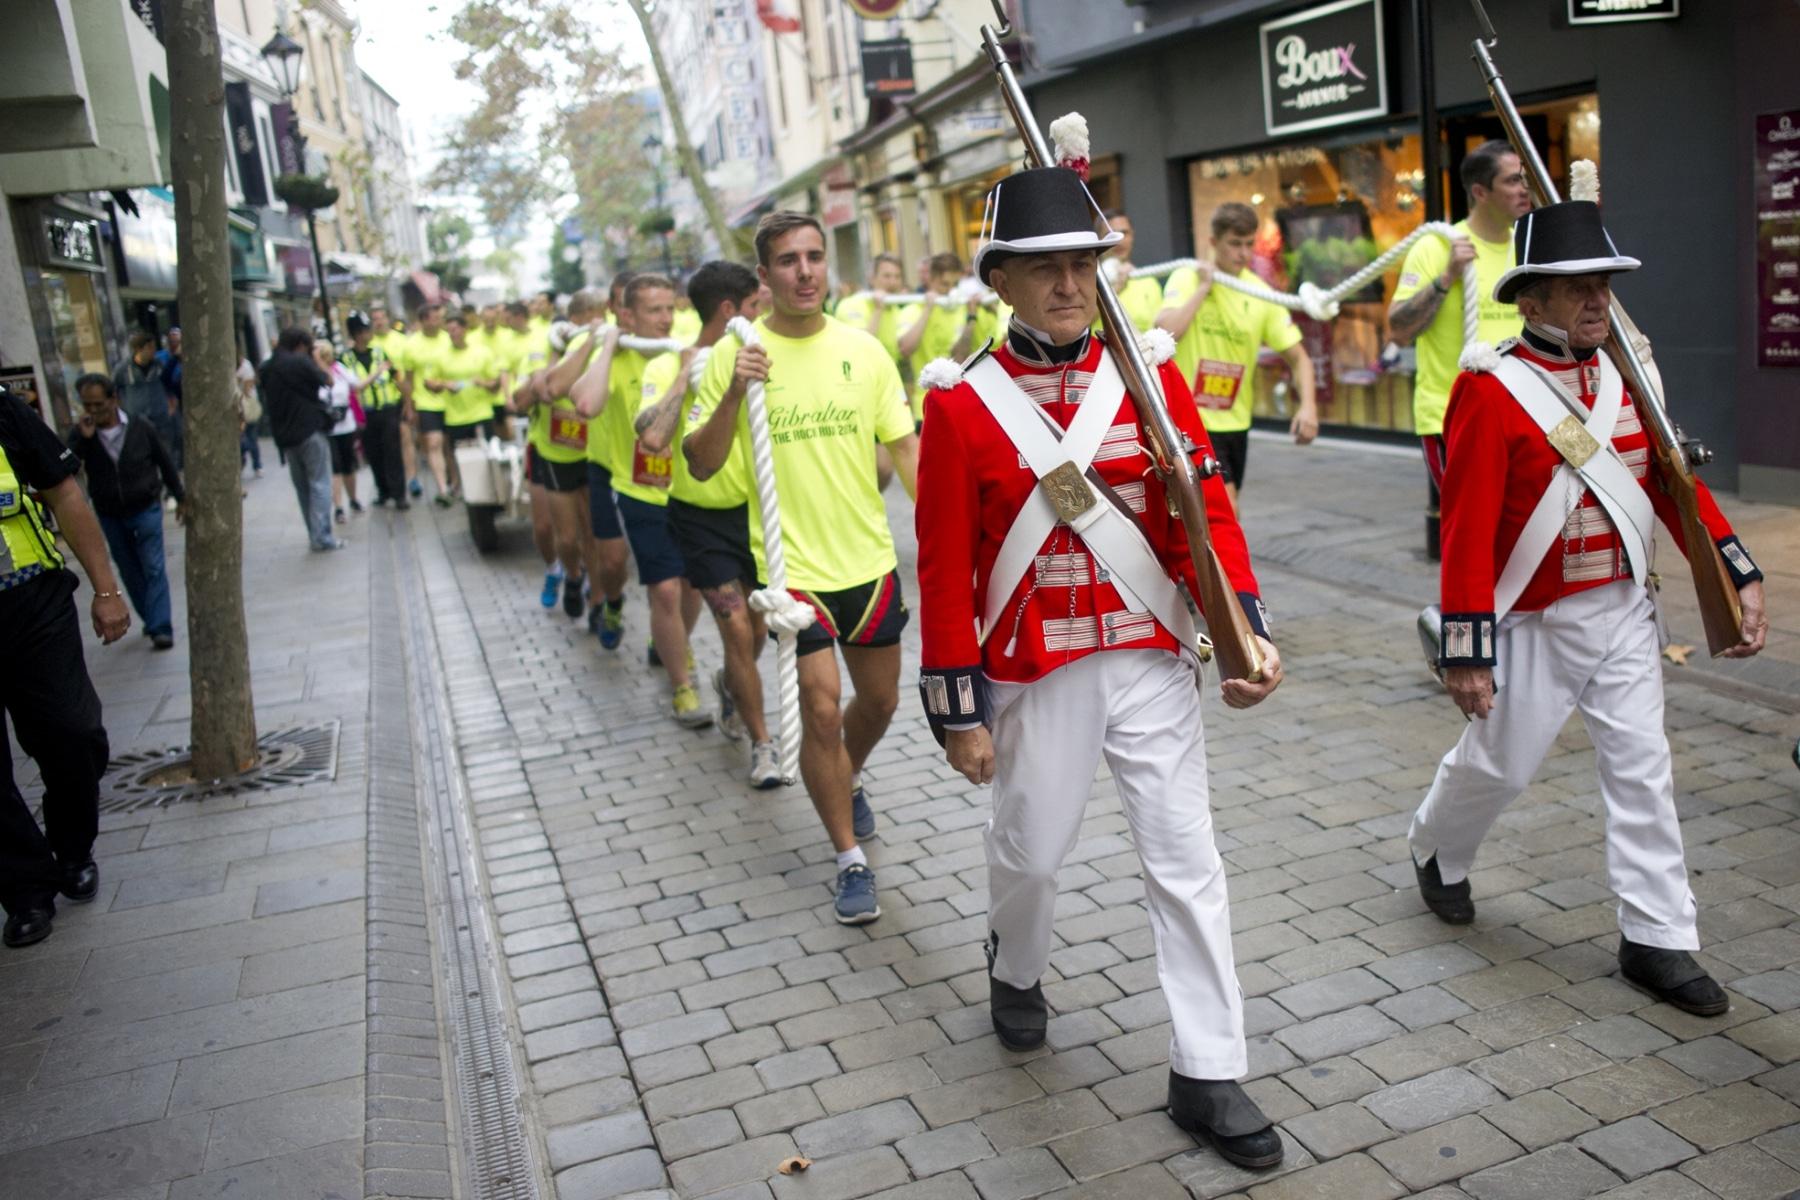 superman-en-gibraltar-actor-henry-cavill-carrera-5km-del-350-aniversario-de-la-marina-britanica-25102014-09_15447875619_o